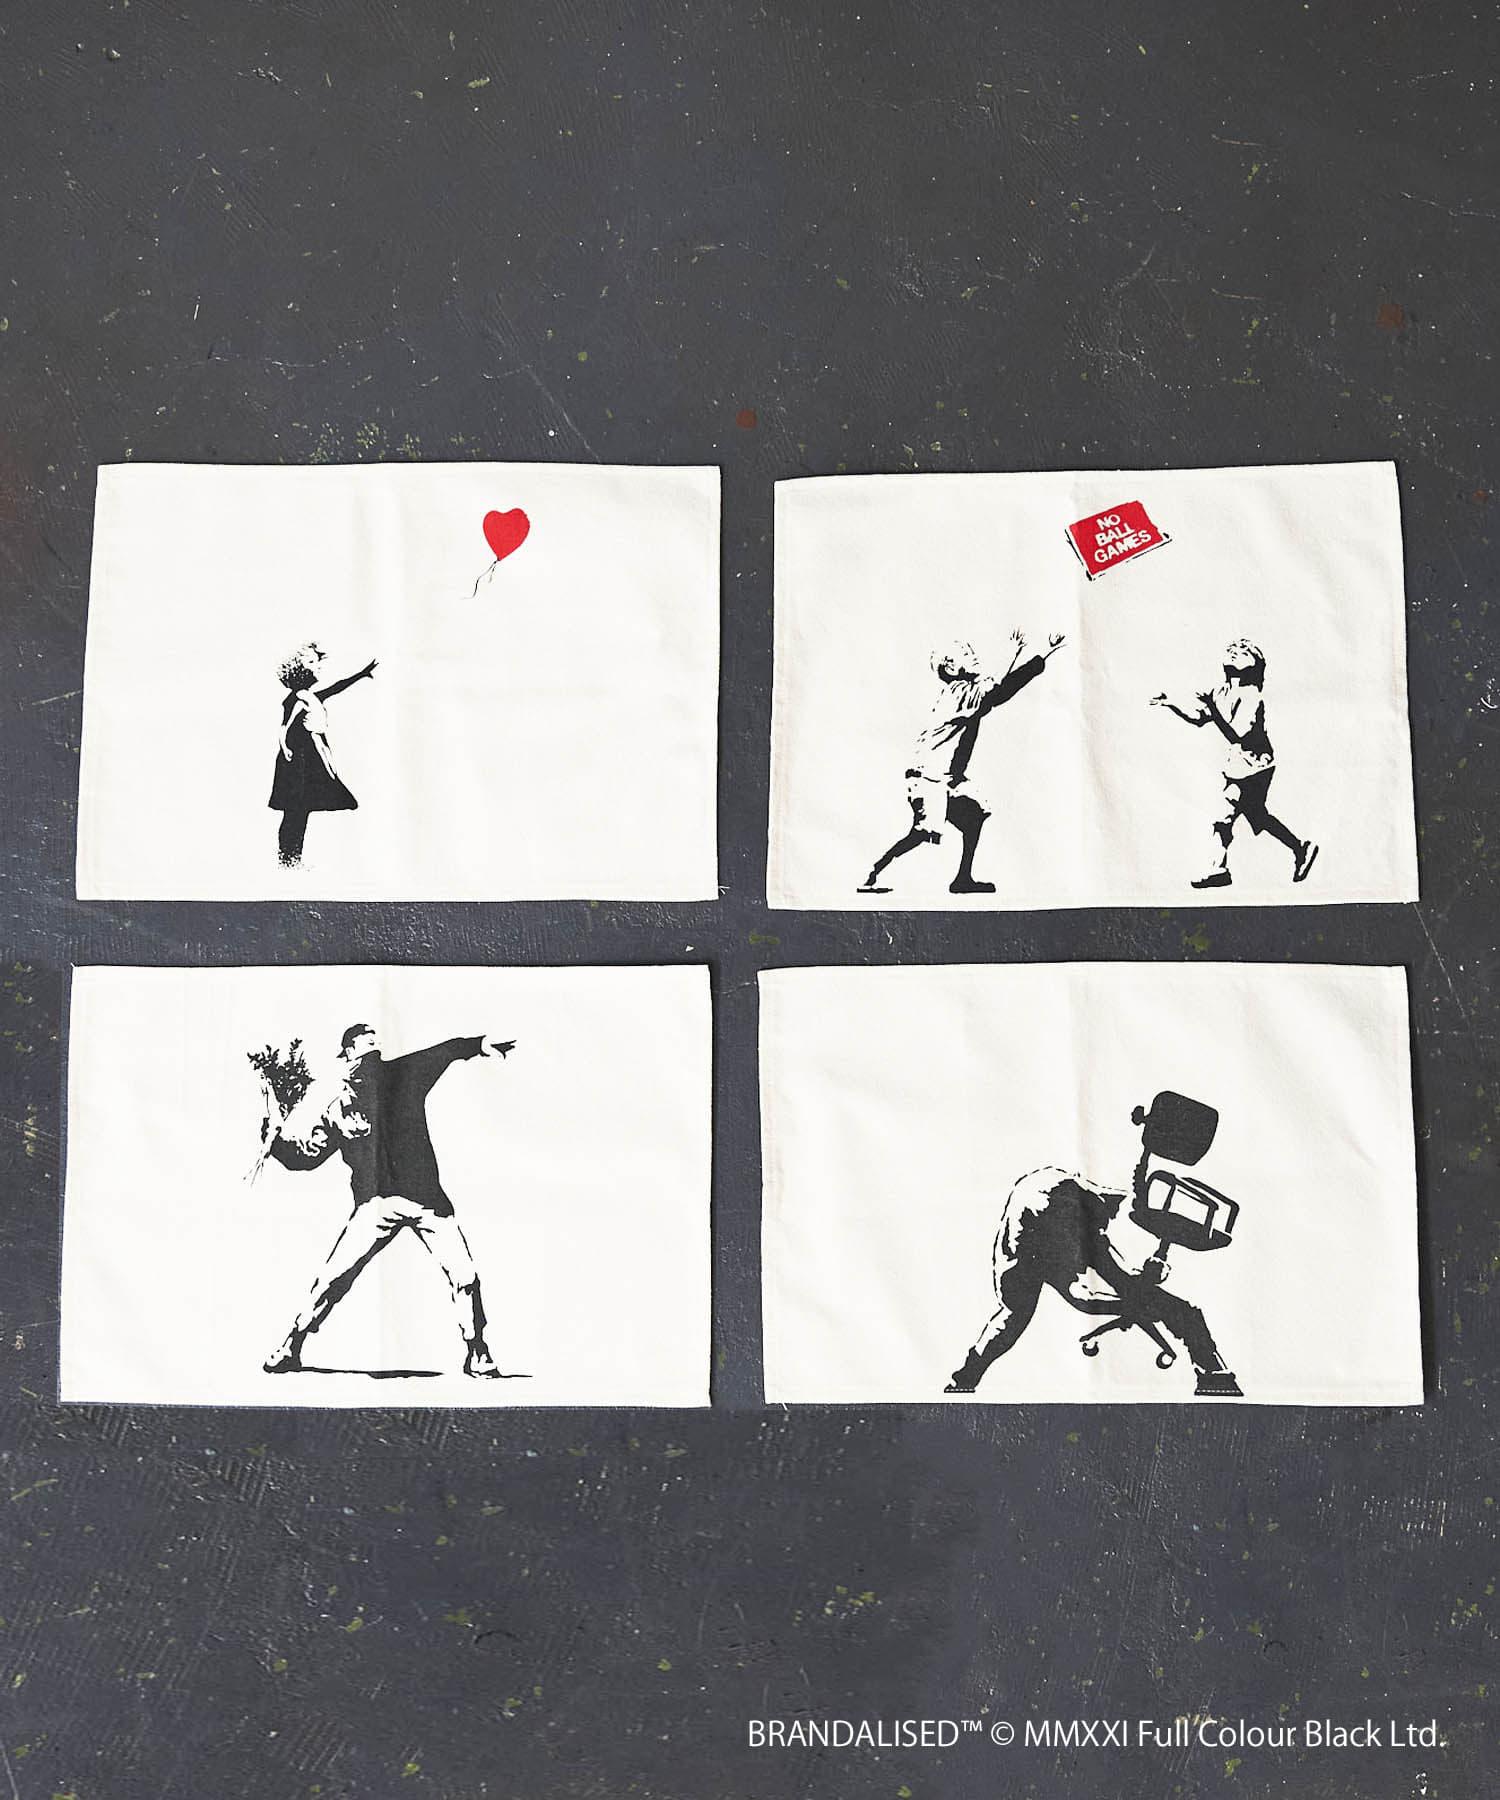 ASOKO(アソコ) Banksy's Graffiti ランチョンマット4枚セット